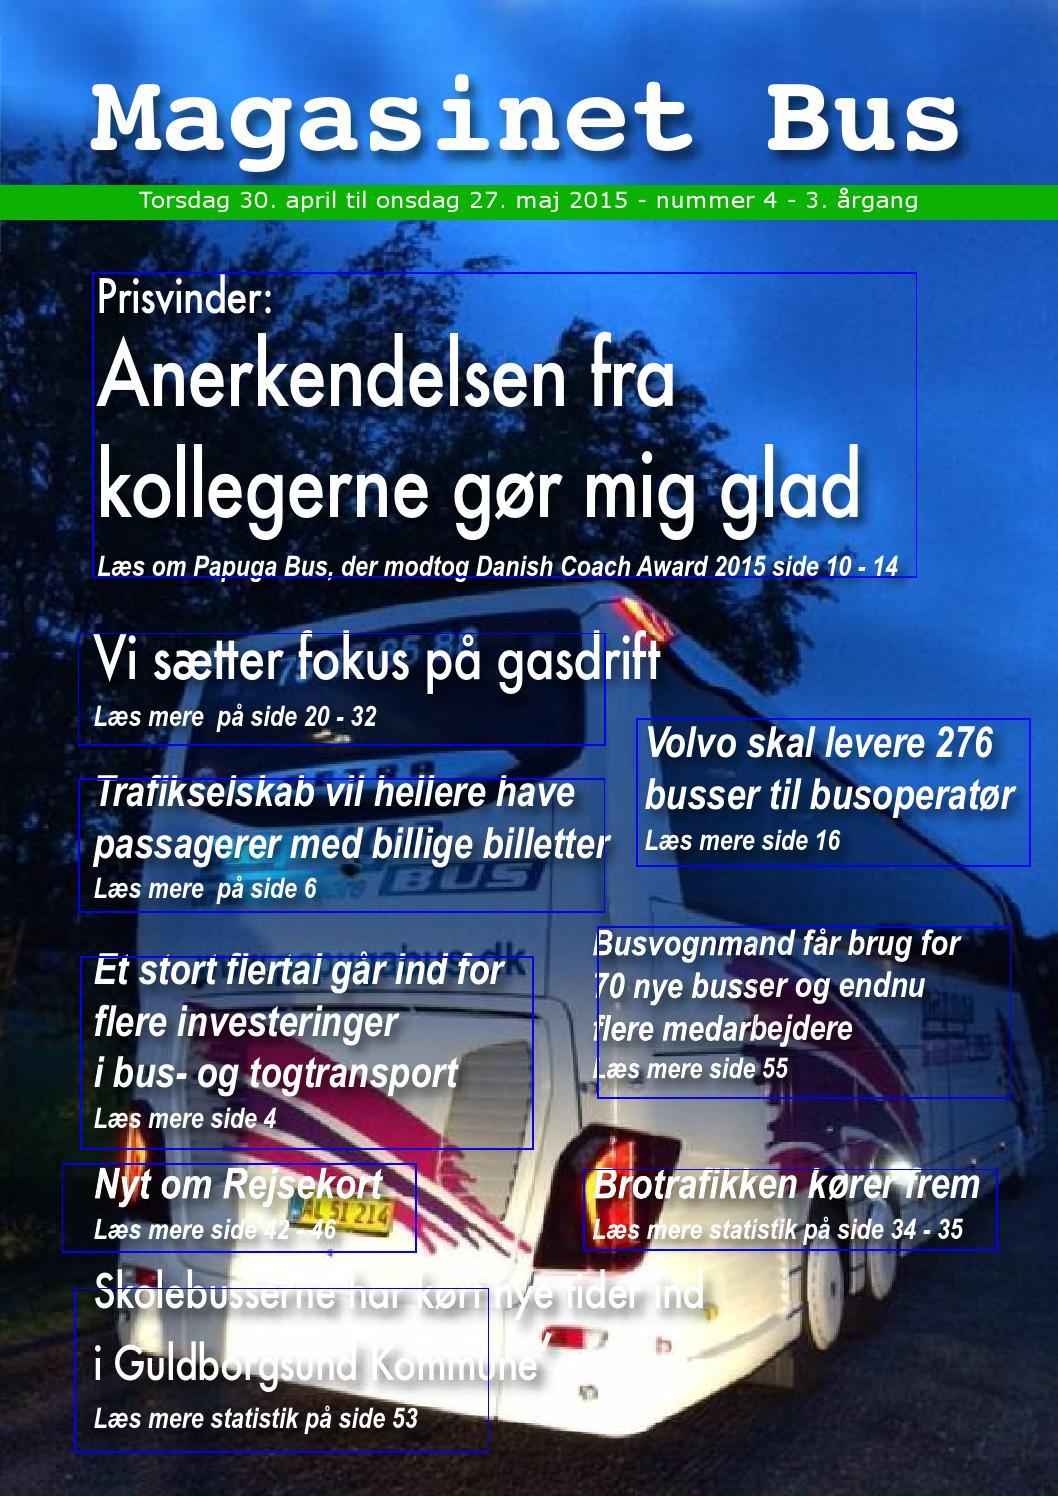 ekstra ark side 6 pige rejsekort til jylland